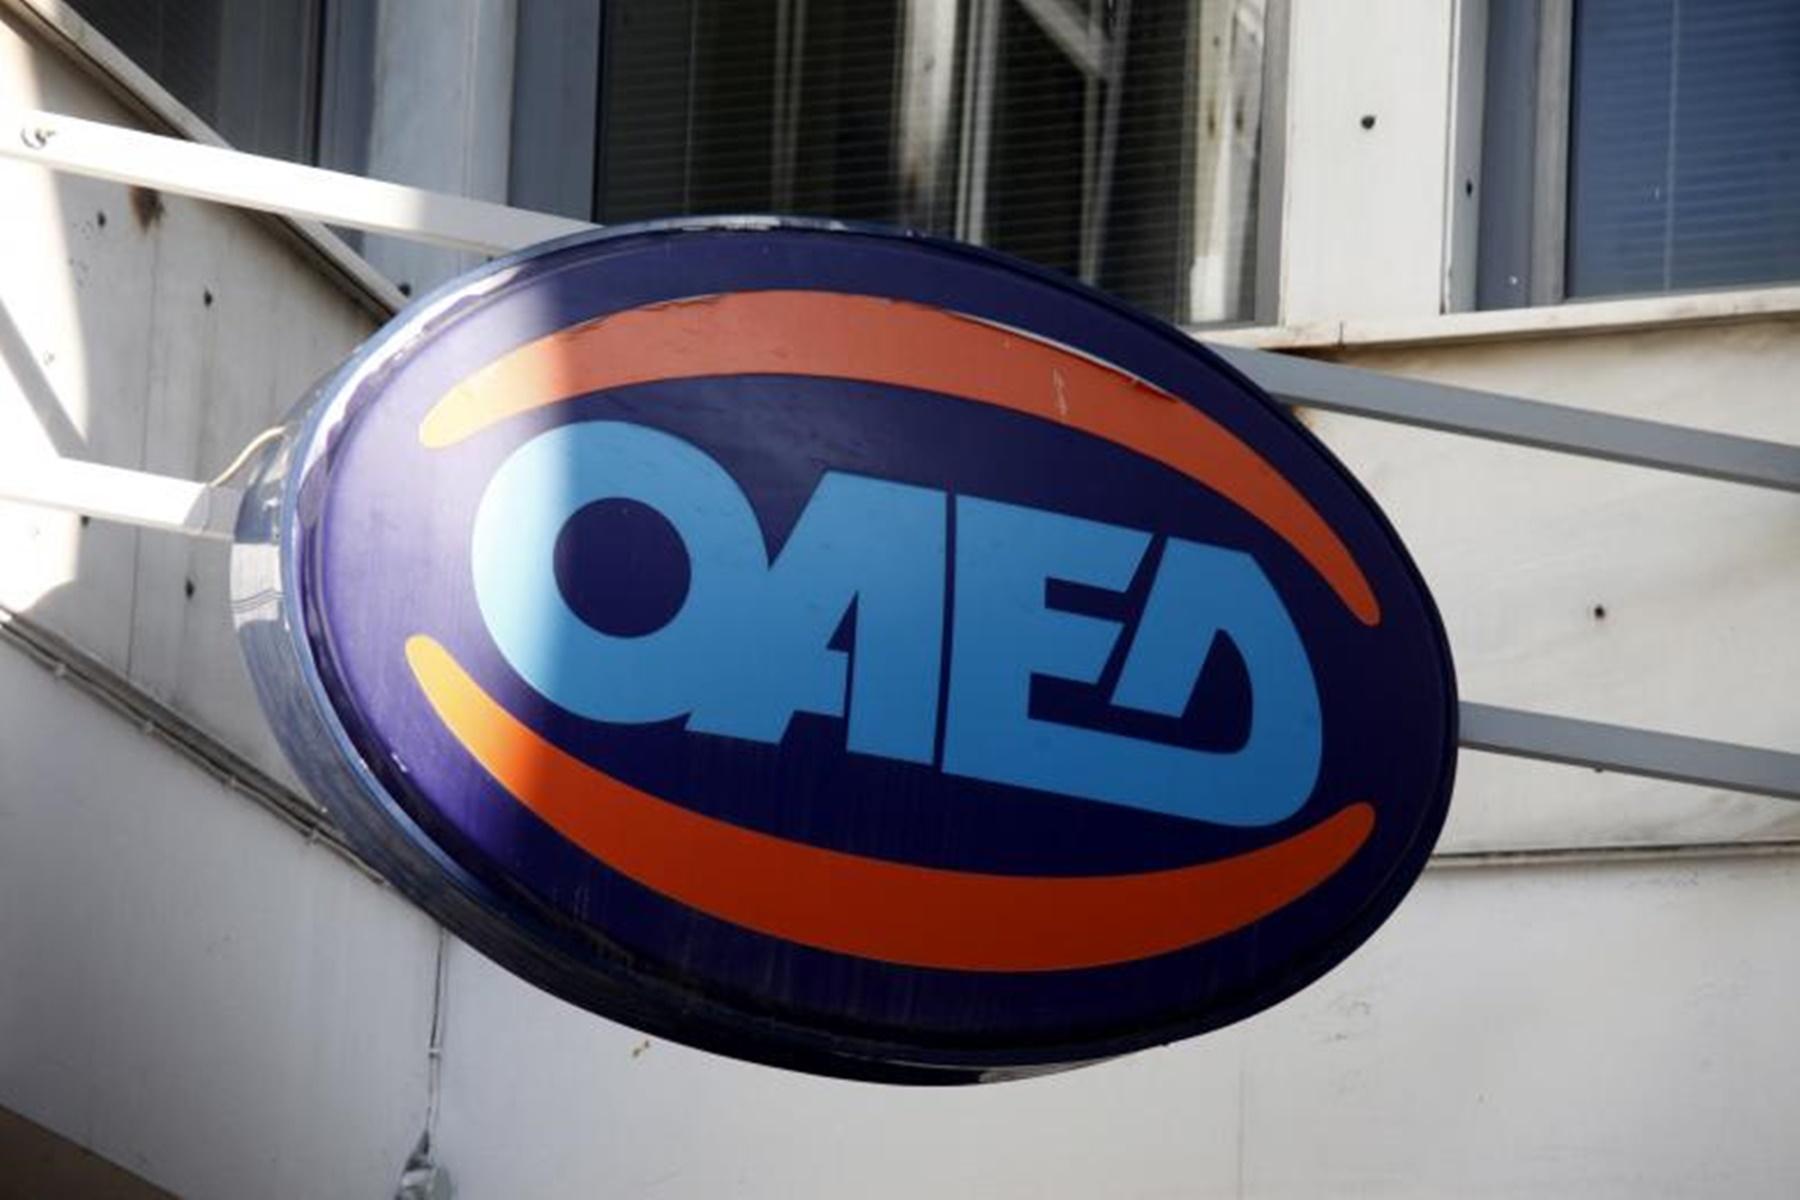 ΟΑΕΔ : Παραδίνονται άλλες 18 εργατικές κατοικίες του οικισμού Κέρκυρα V